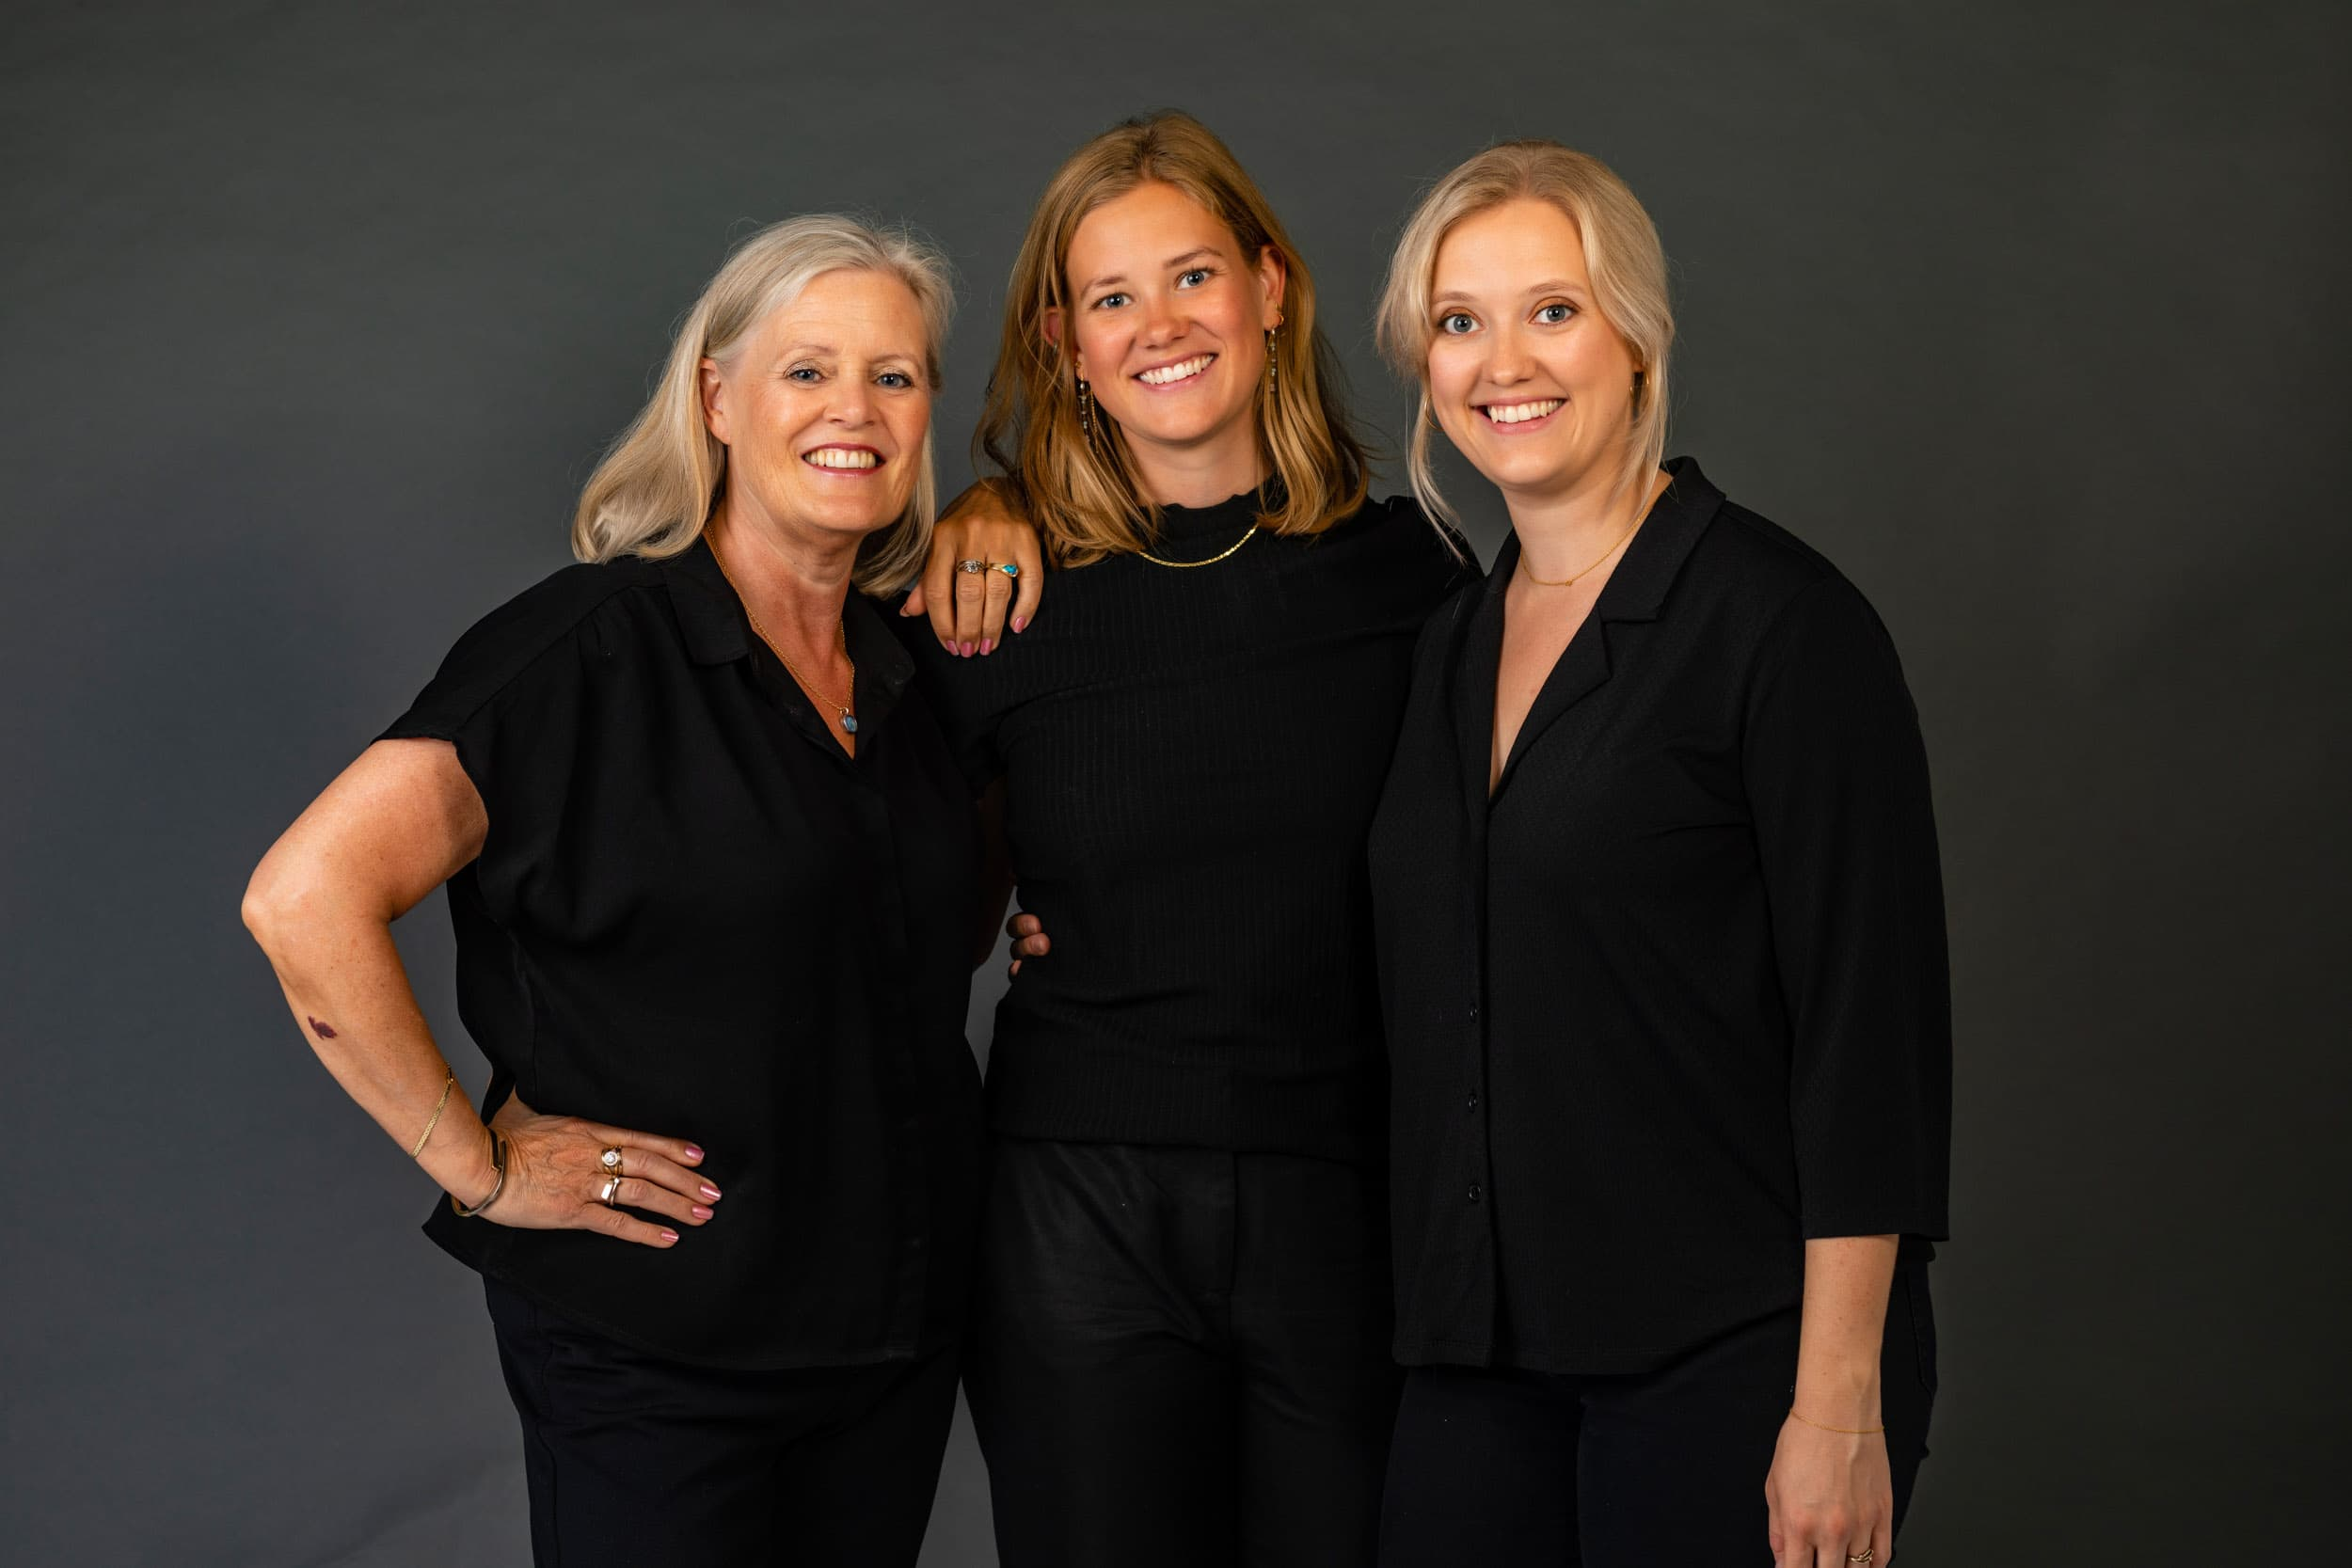 Kvinder, familiebillede i studie